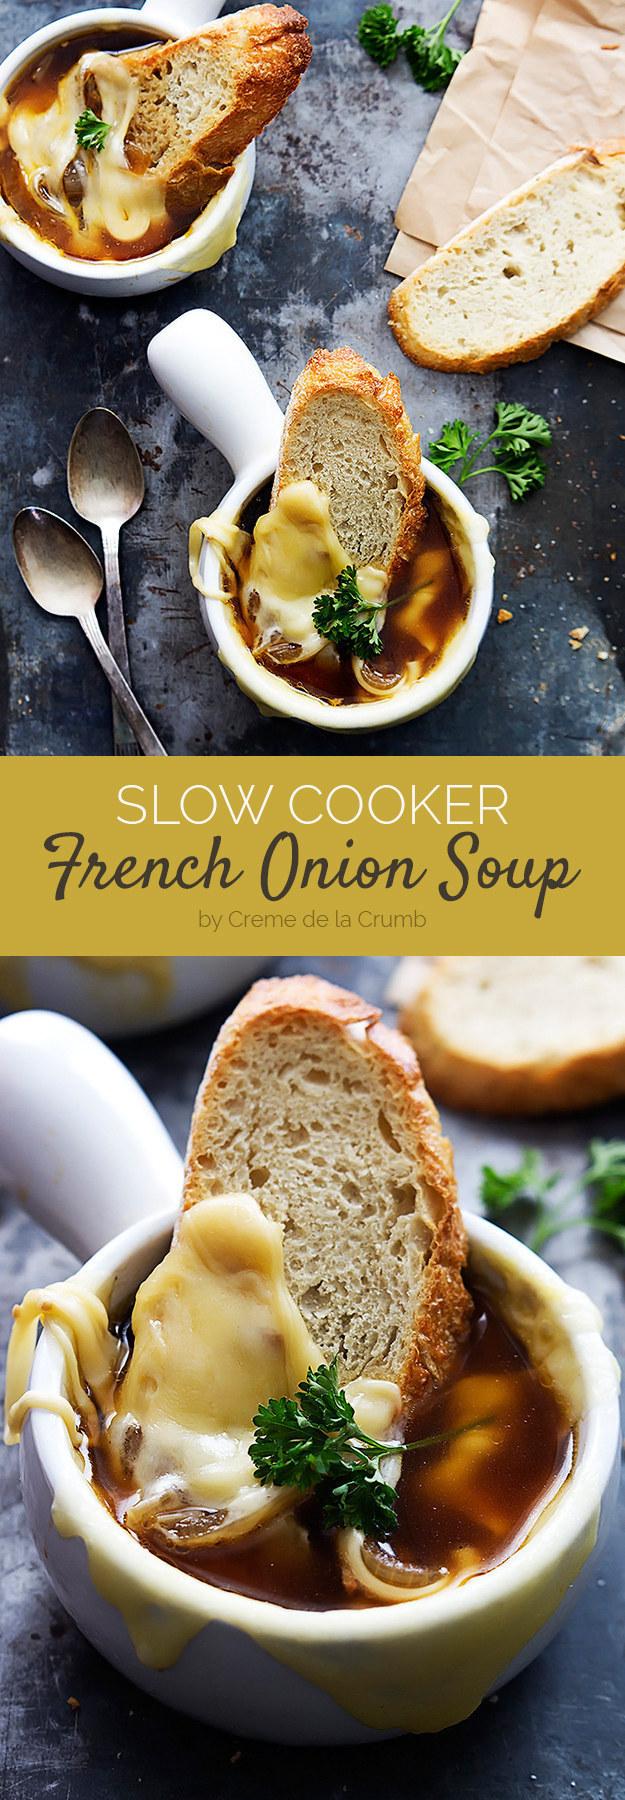 Leckere Abendessen Ideen, mit denen das Abendessen zu einer tollen ...